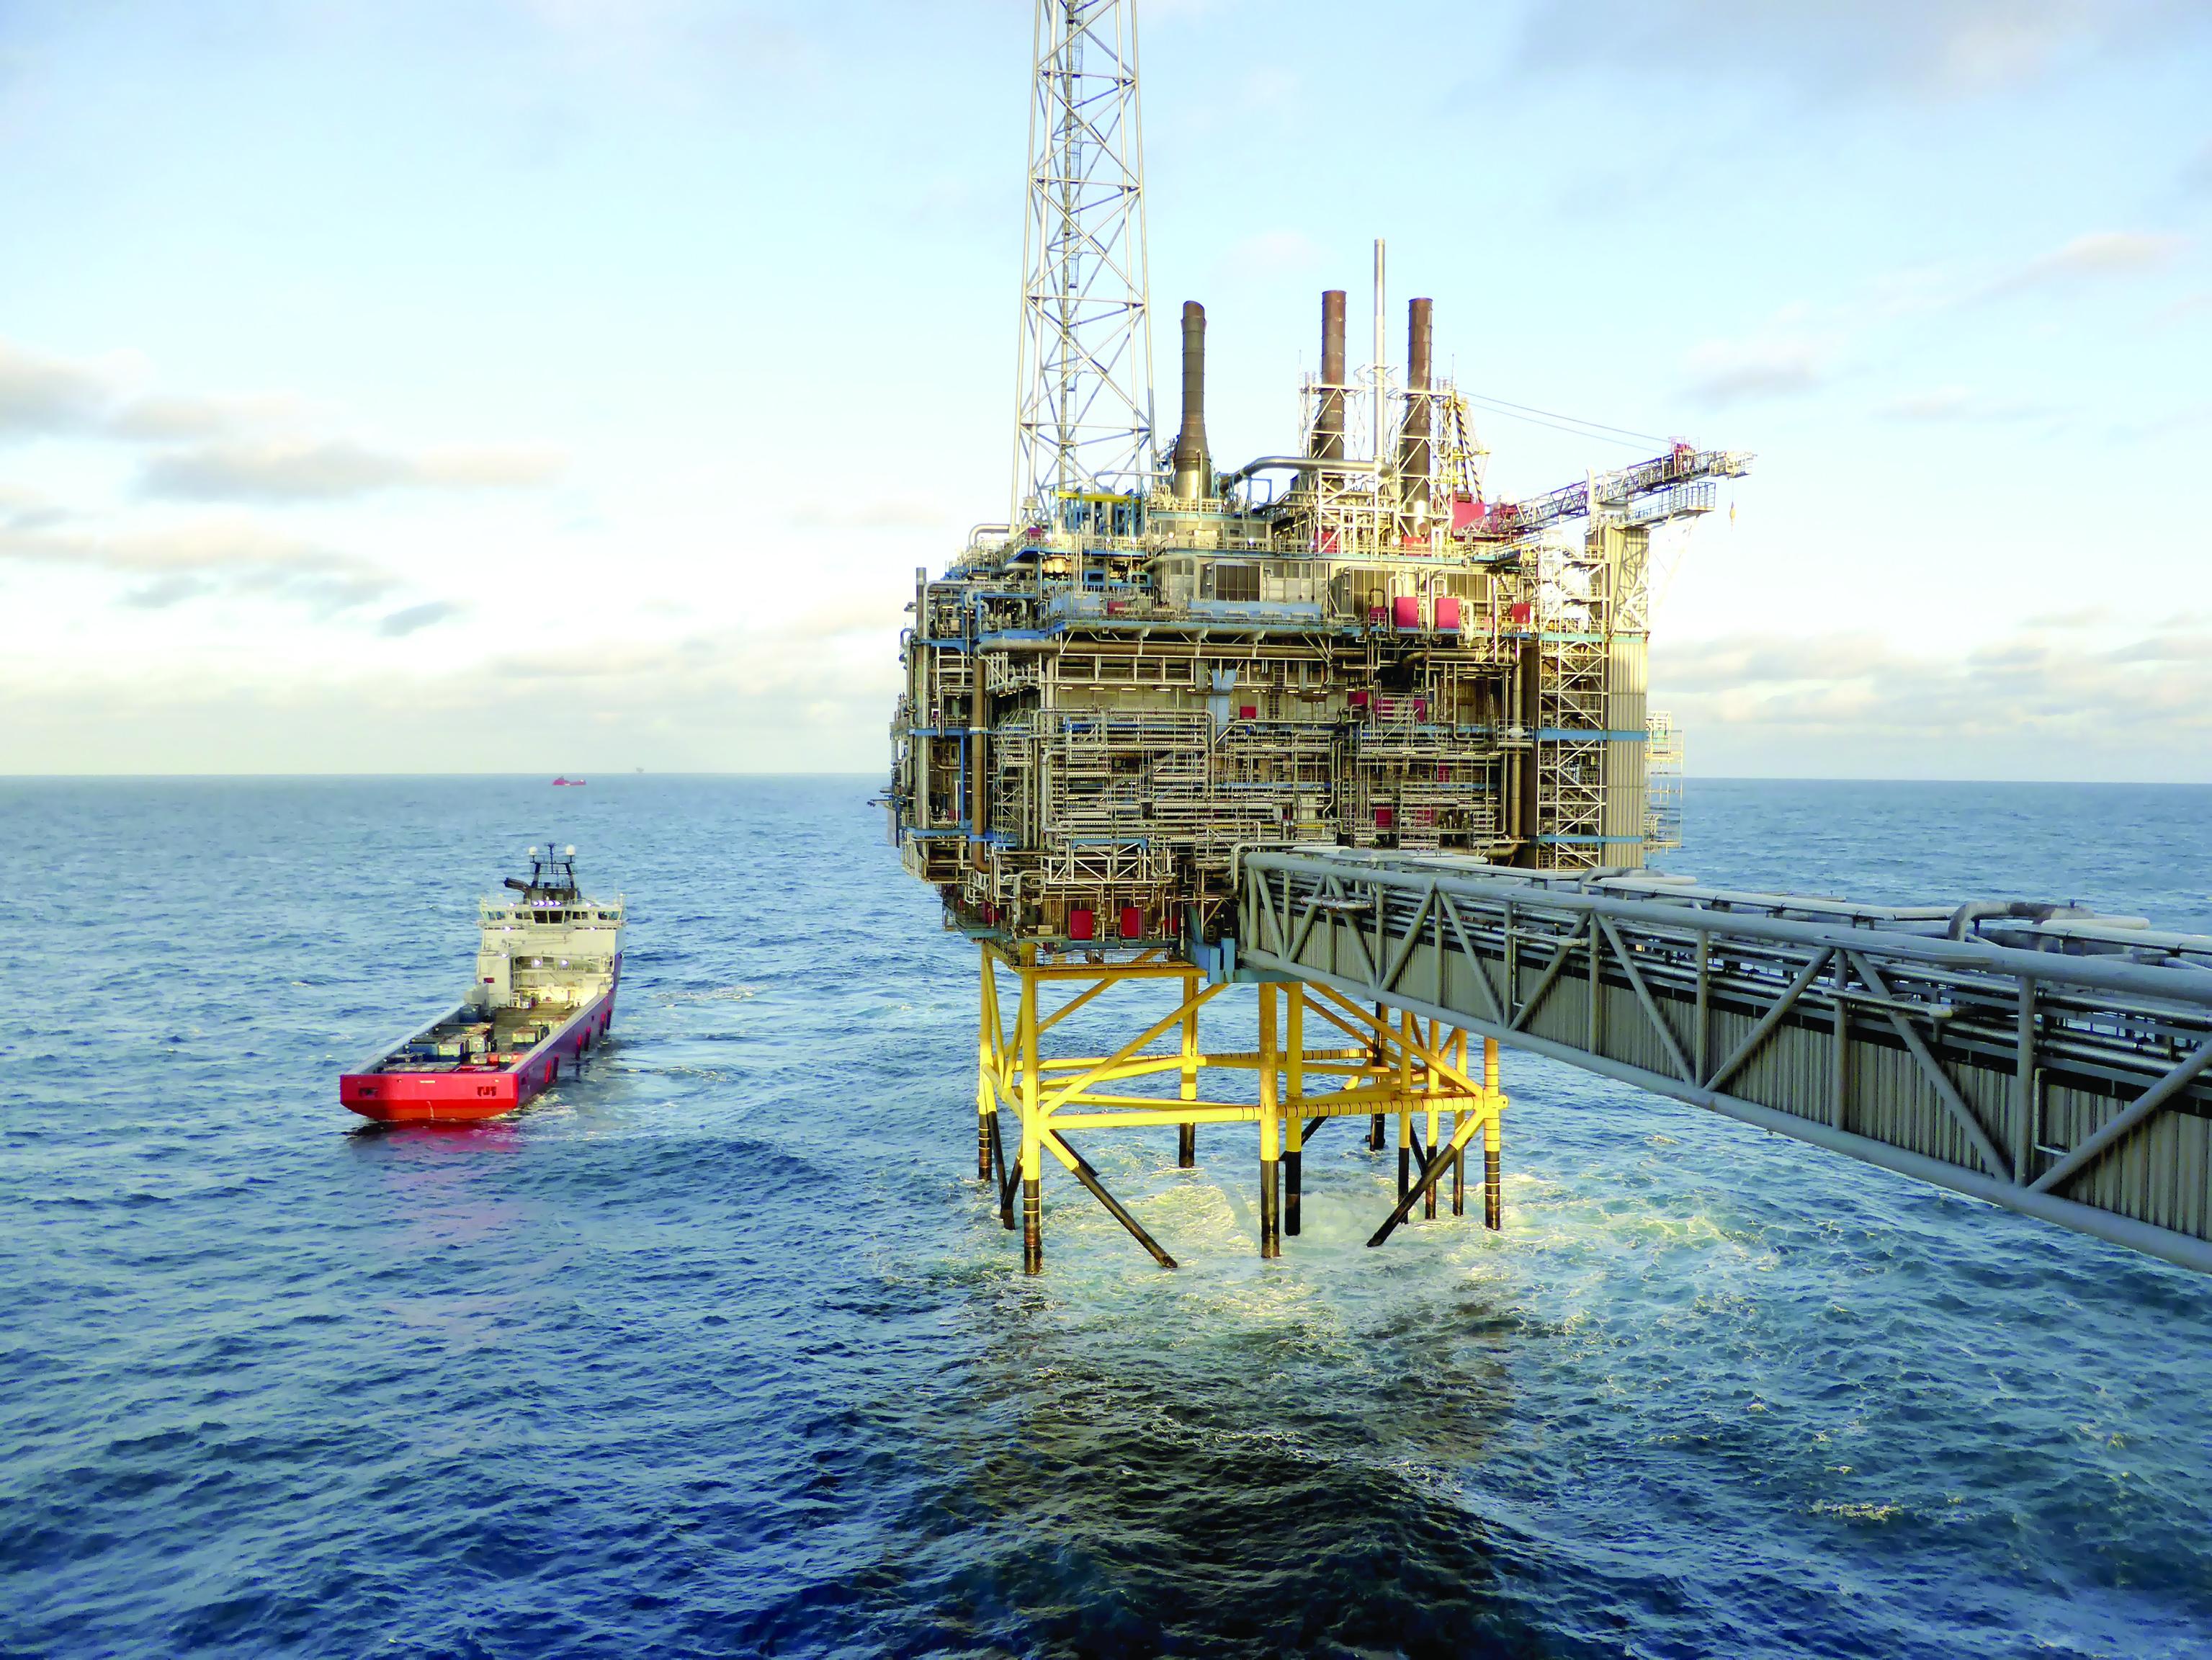 النفط يتراجع وسط سباق سعودي إيراني على  زيادة الانتاج